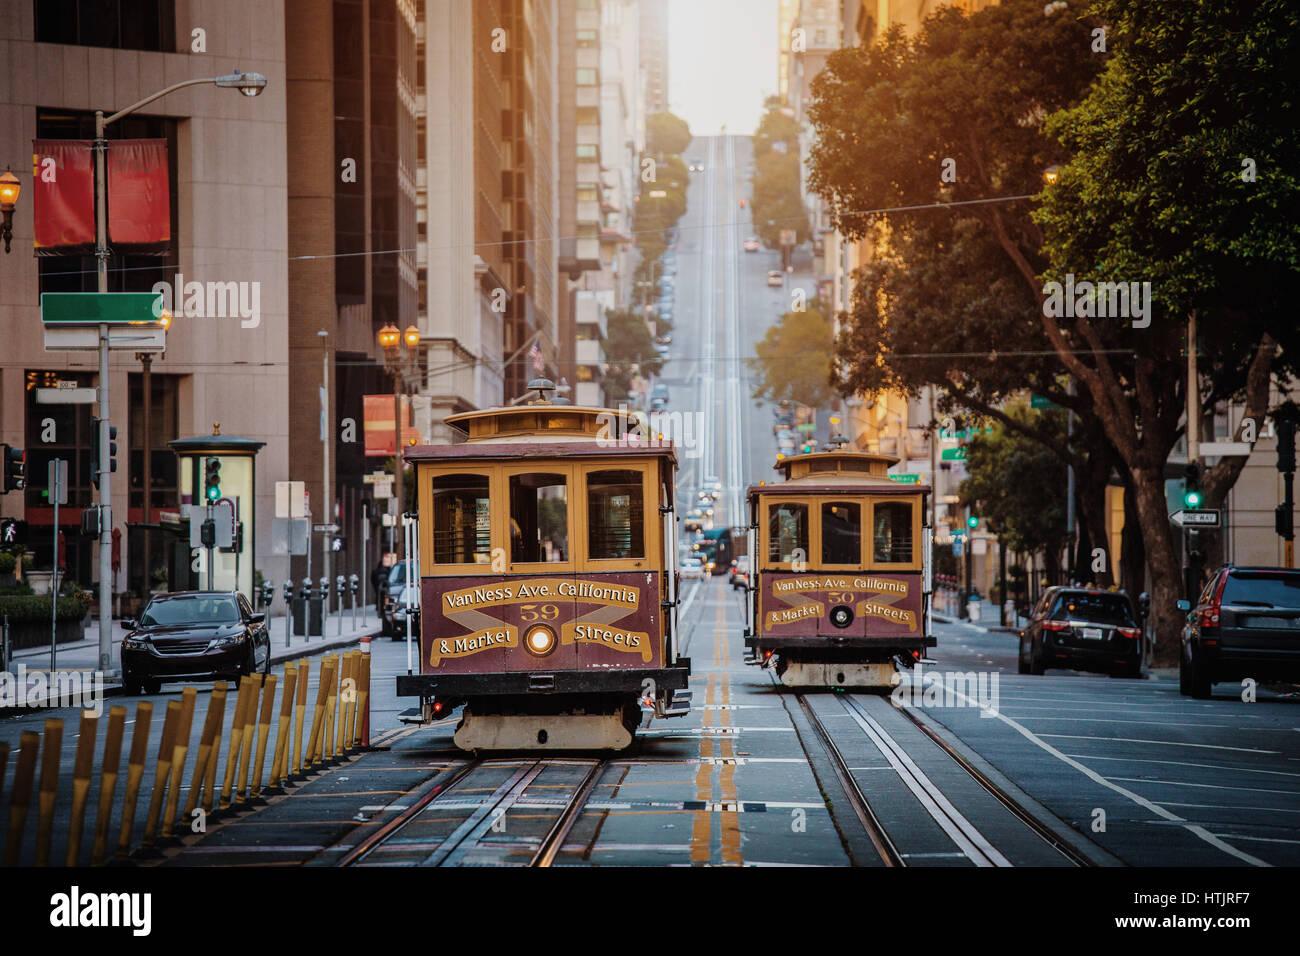 La vue classique du câble traditionnel historique voitures rouler sur la célèbre rue de la Californie Photo Stock